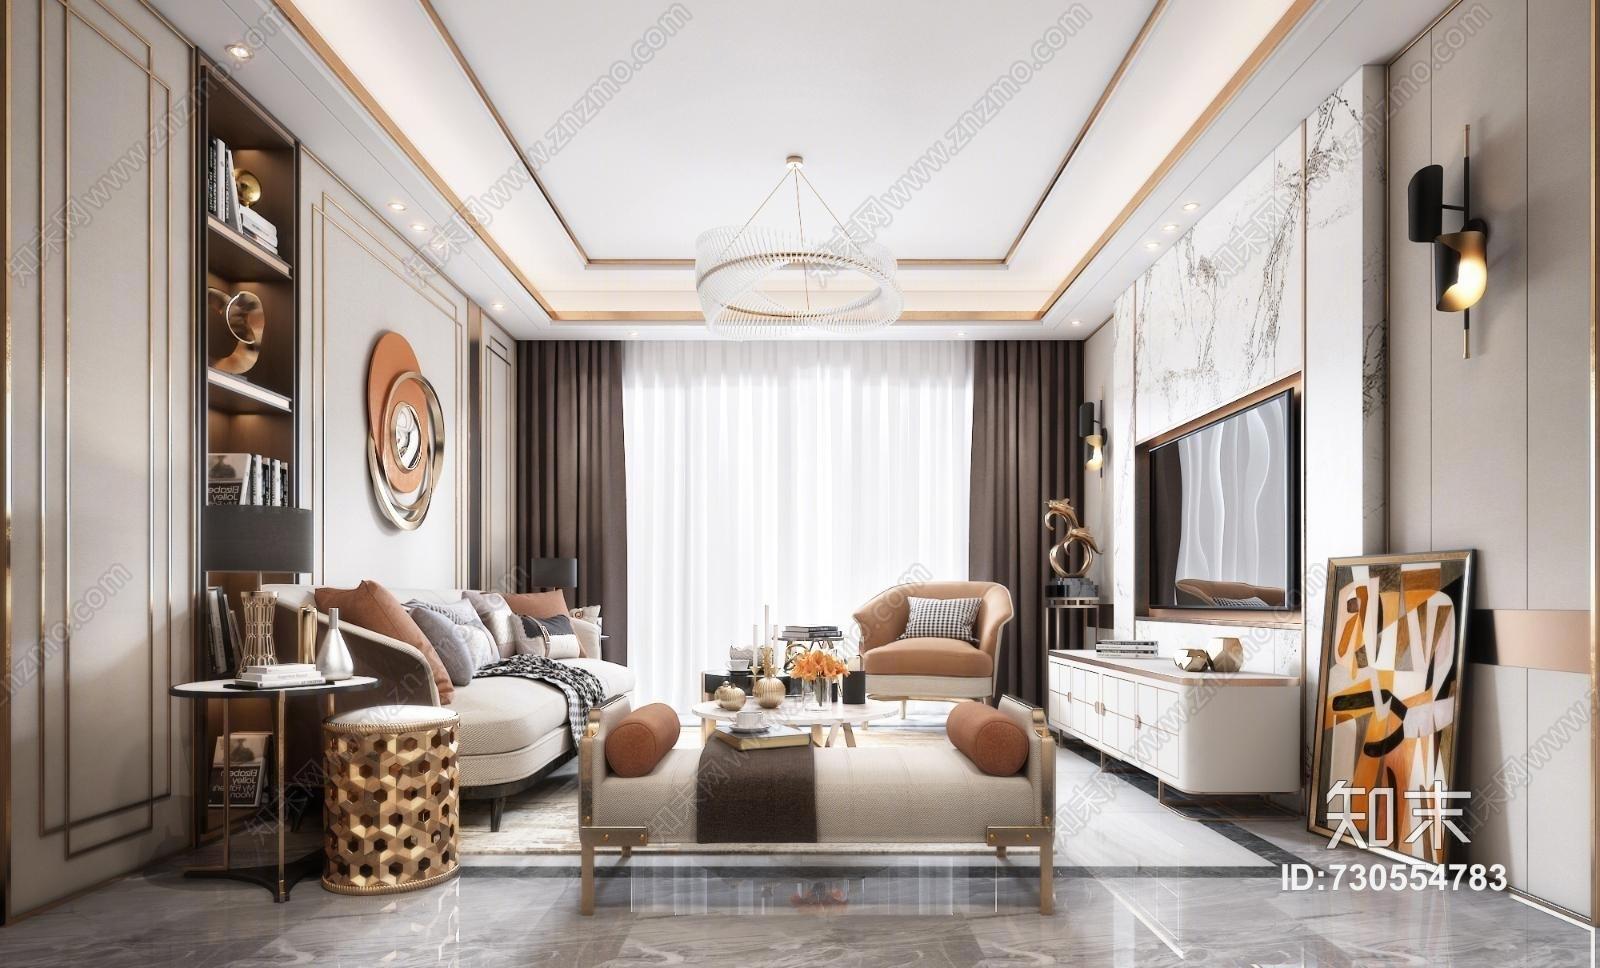 后现代客厅 沙发 餐桌 吊灯 台灯 地毯 窗帘 装饰品 挂画 茶几